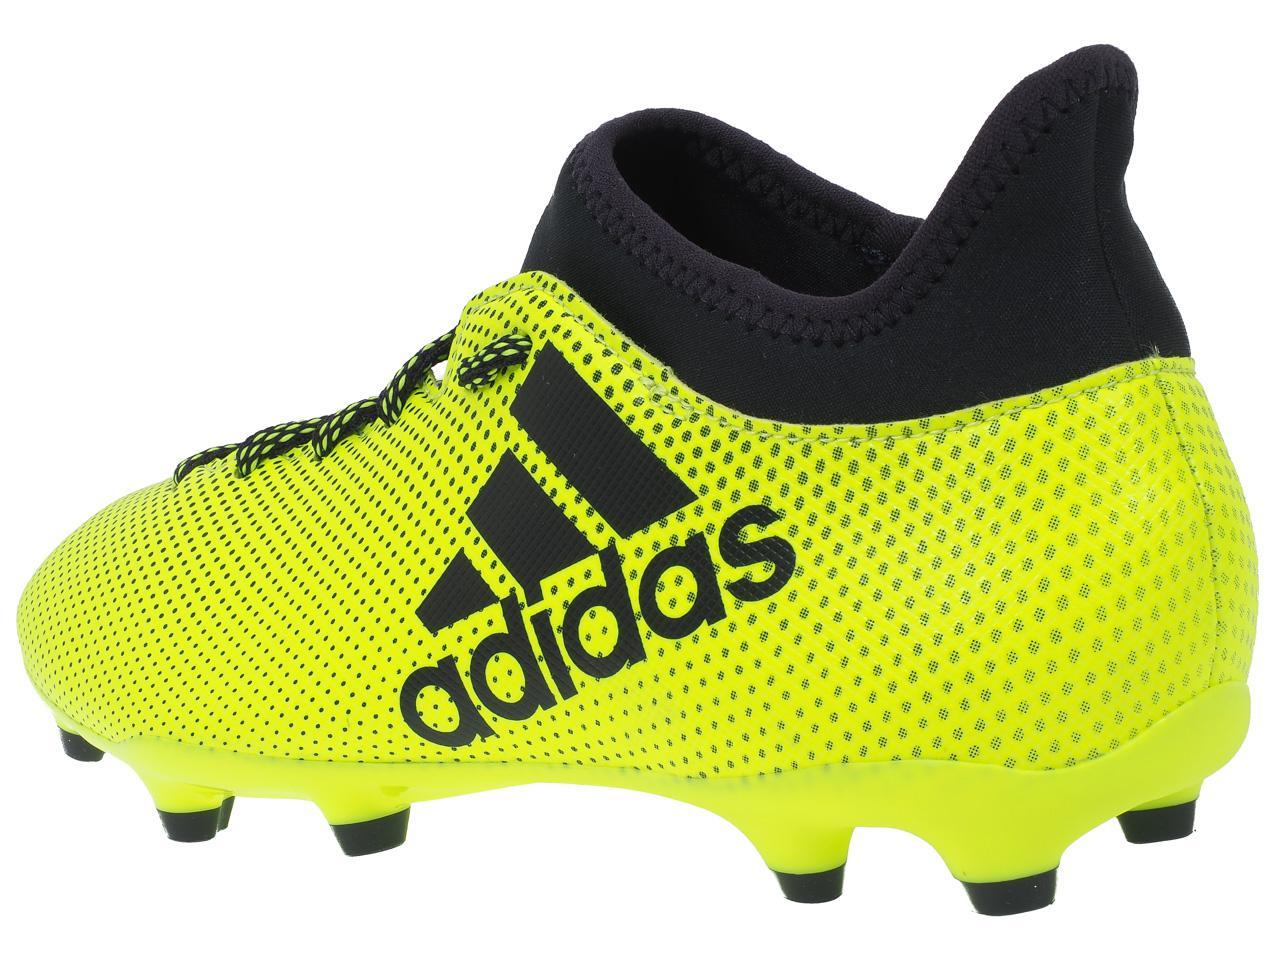 Chaussure de foot enfant Adidas Taille 33 neuve q2czboA